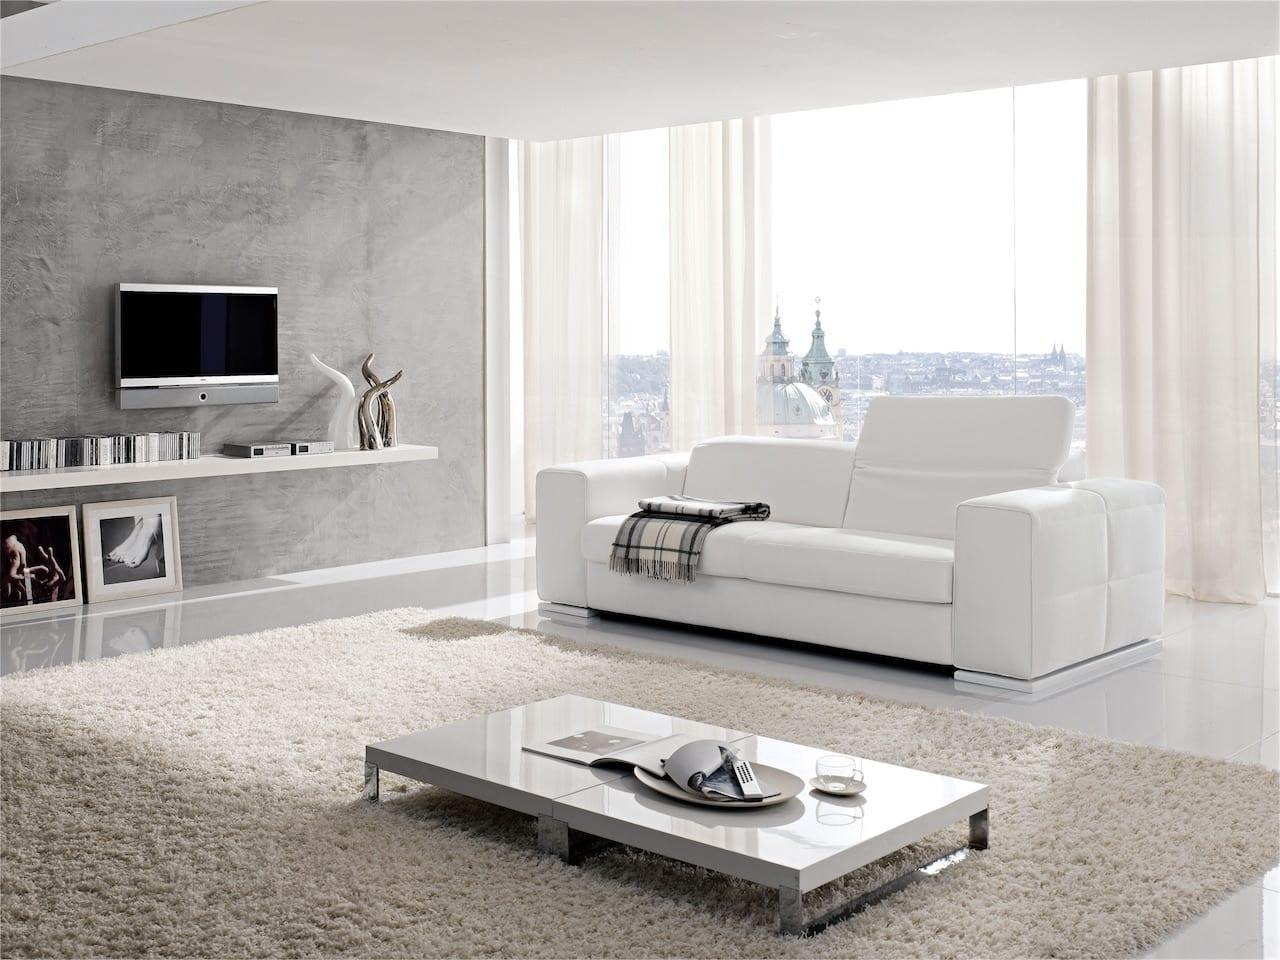 Vergani Home Divani Prezzi b&v divani – la qualità che fa la differenza